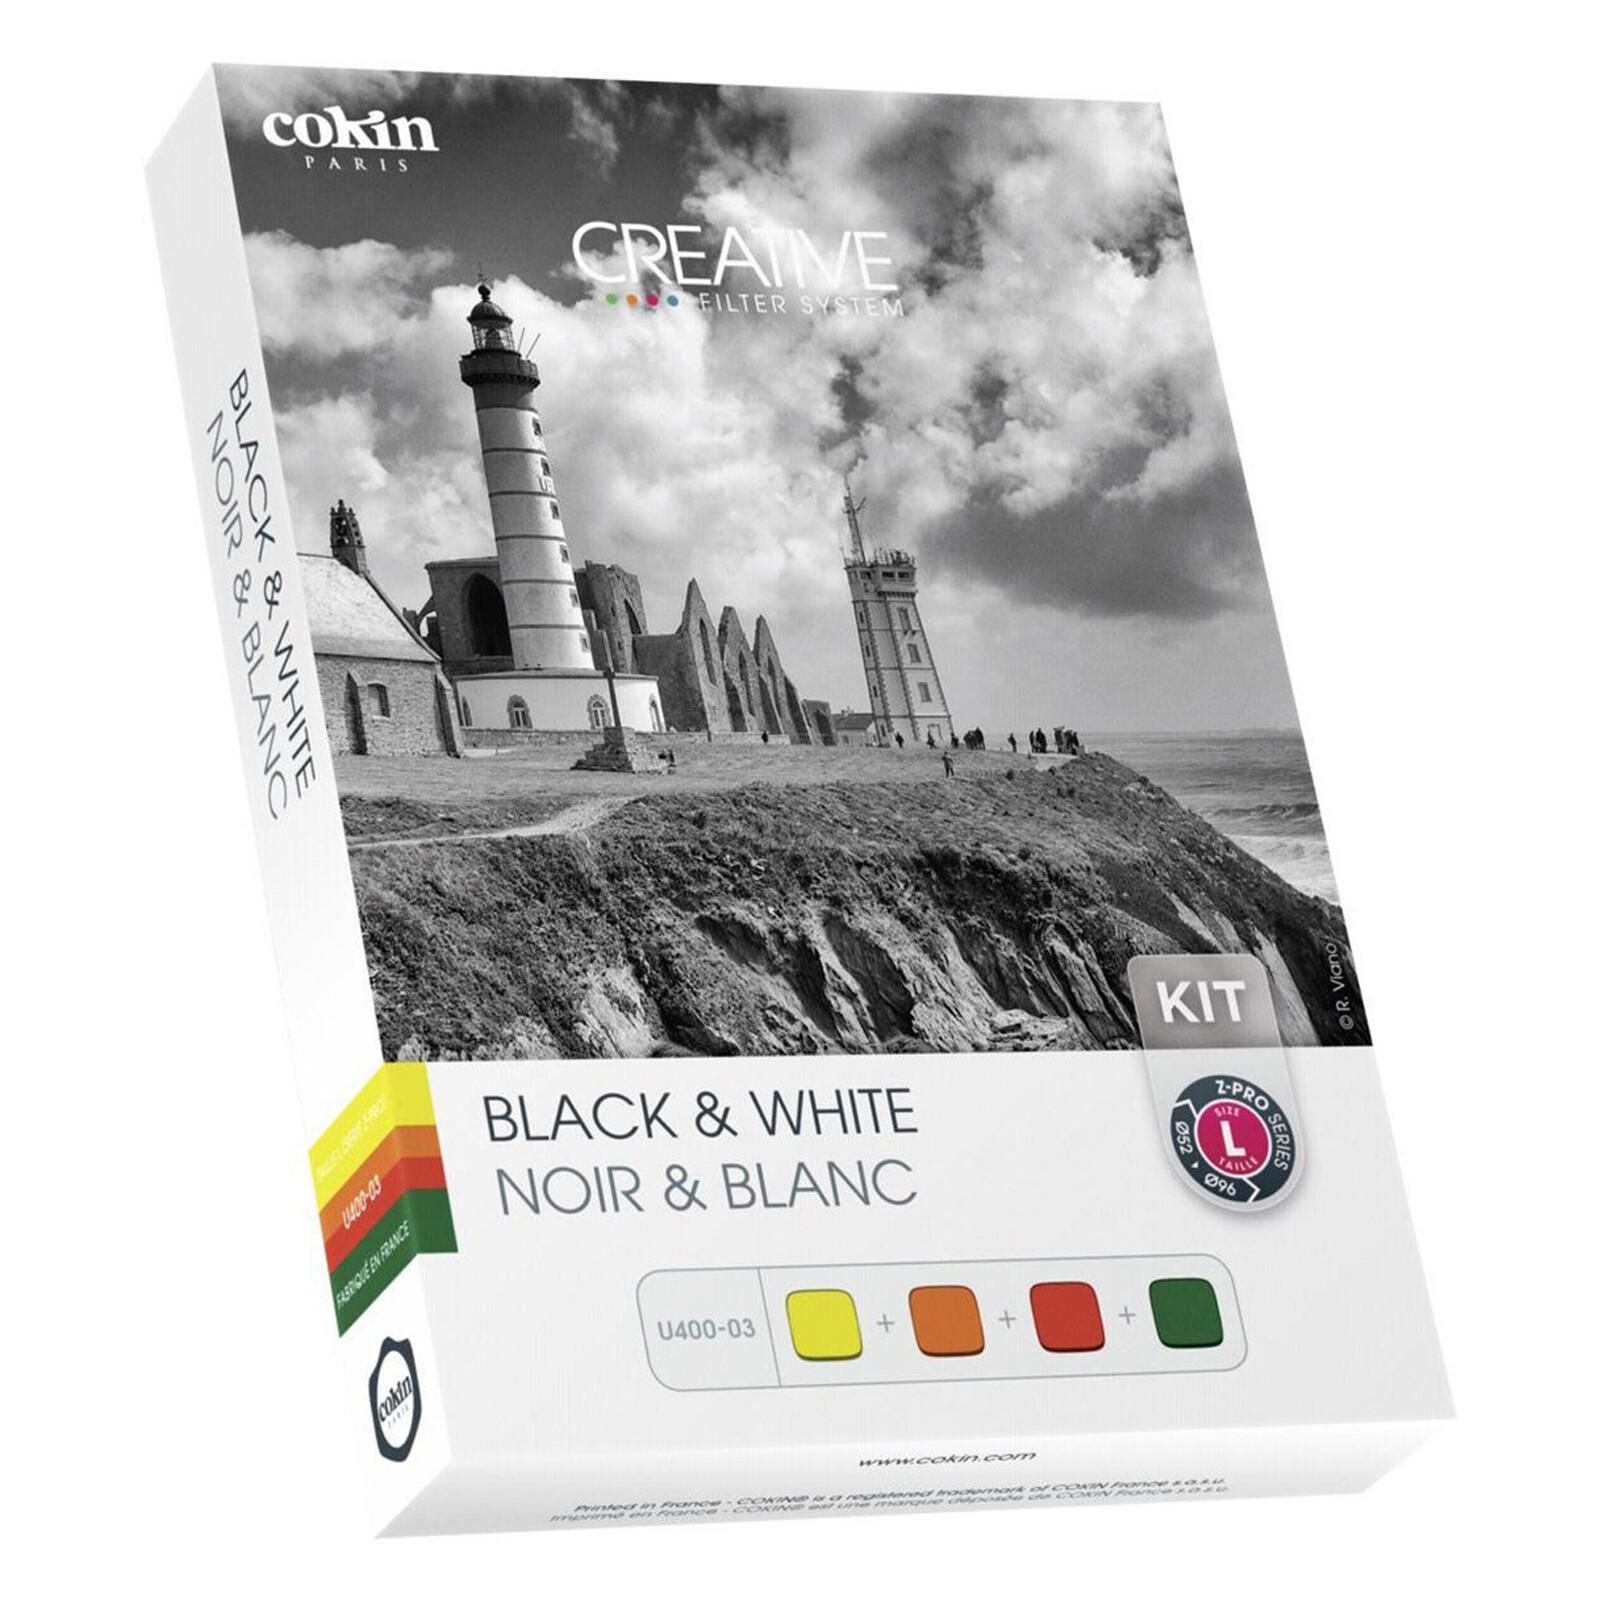 Cokin H400-03 Black & White Set P Serie